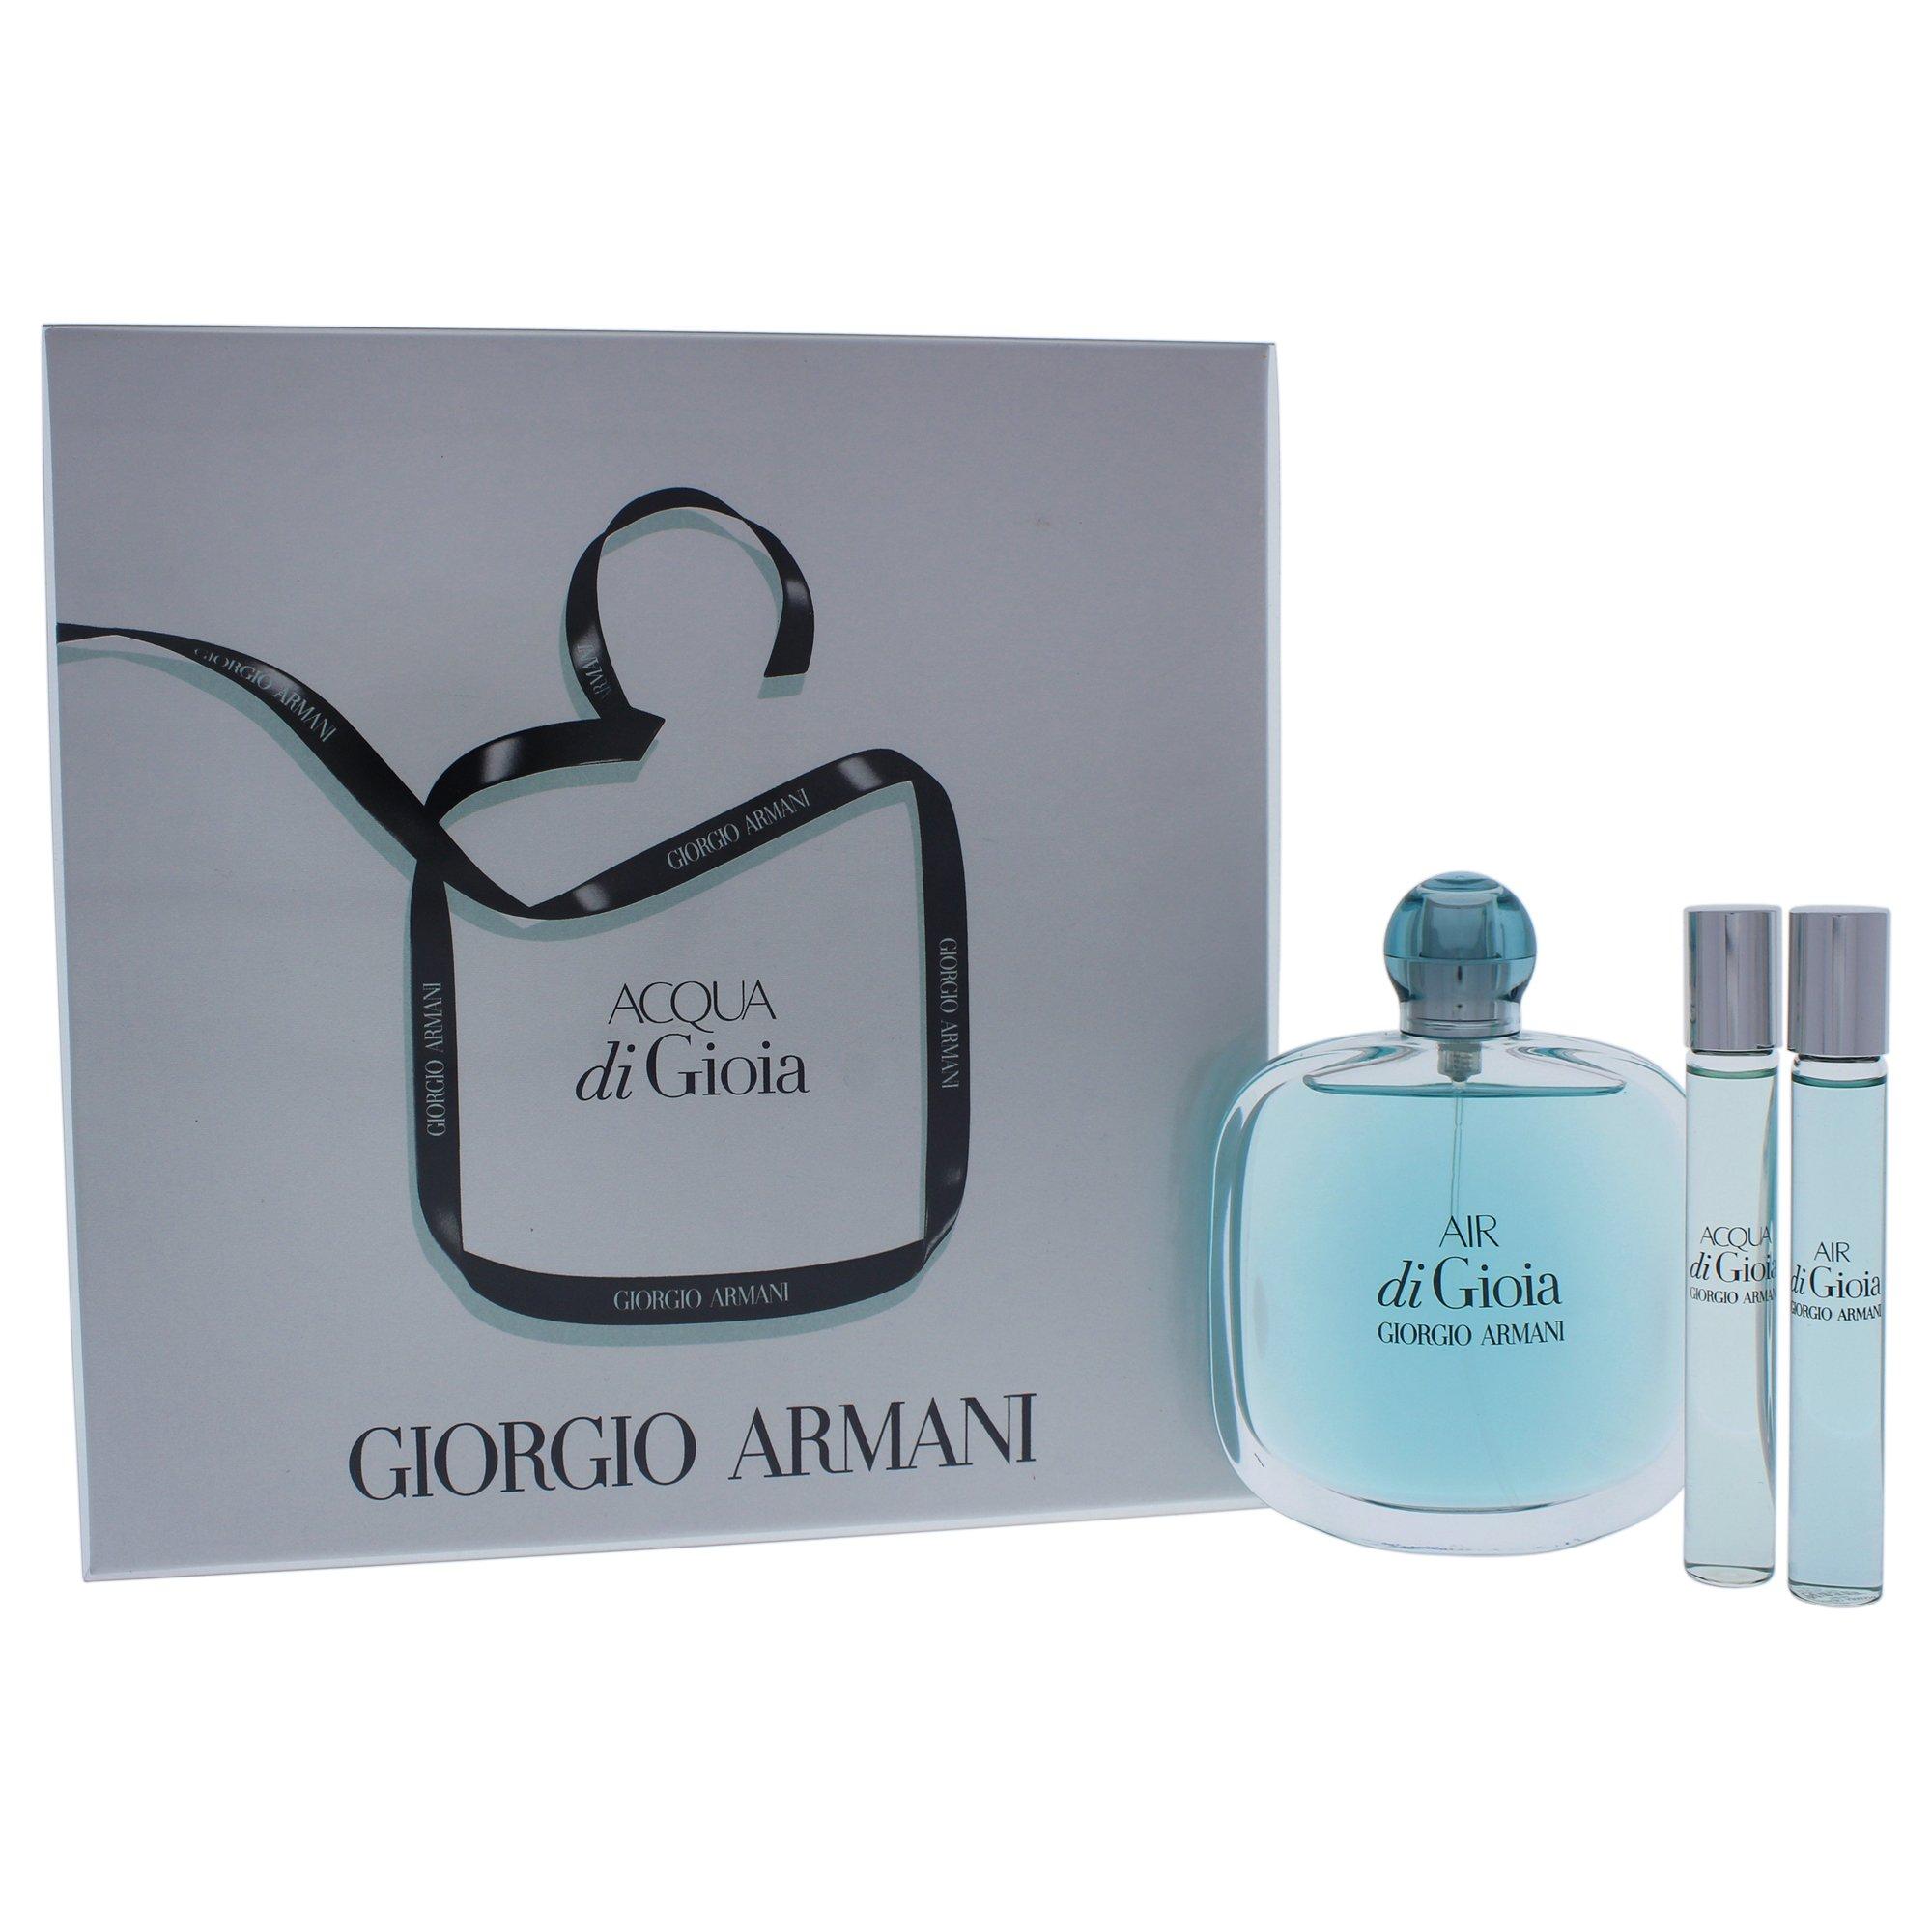 Giorgio Armani Air Di Gioia Eau De Parfum & Rollerball Kit for Women, 3 Count